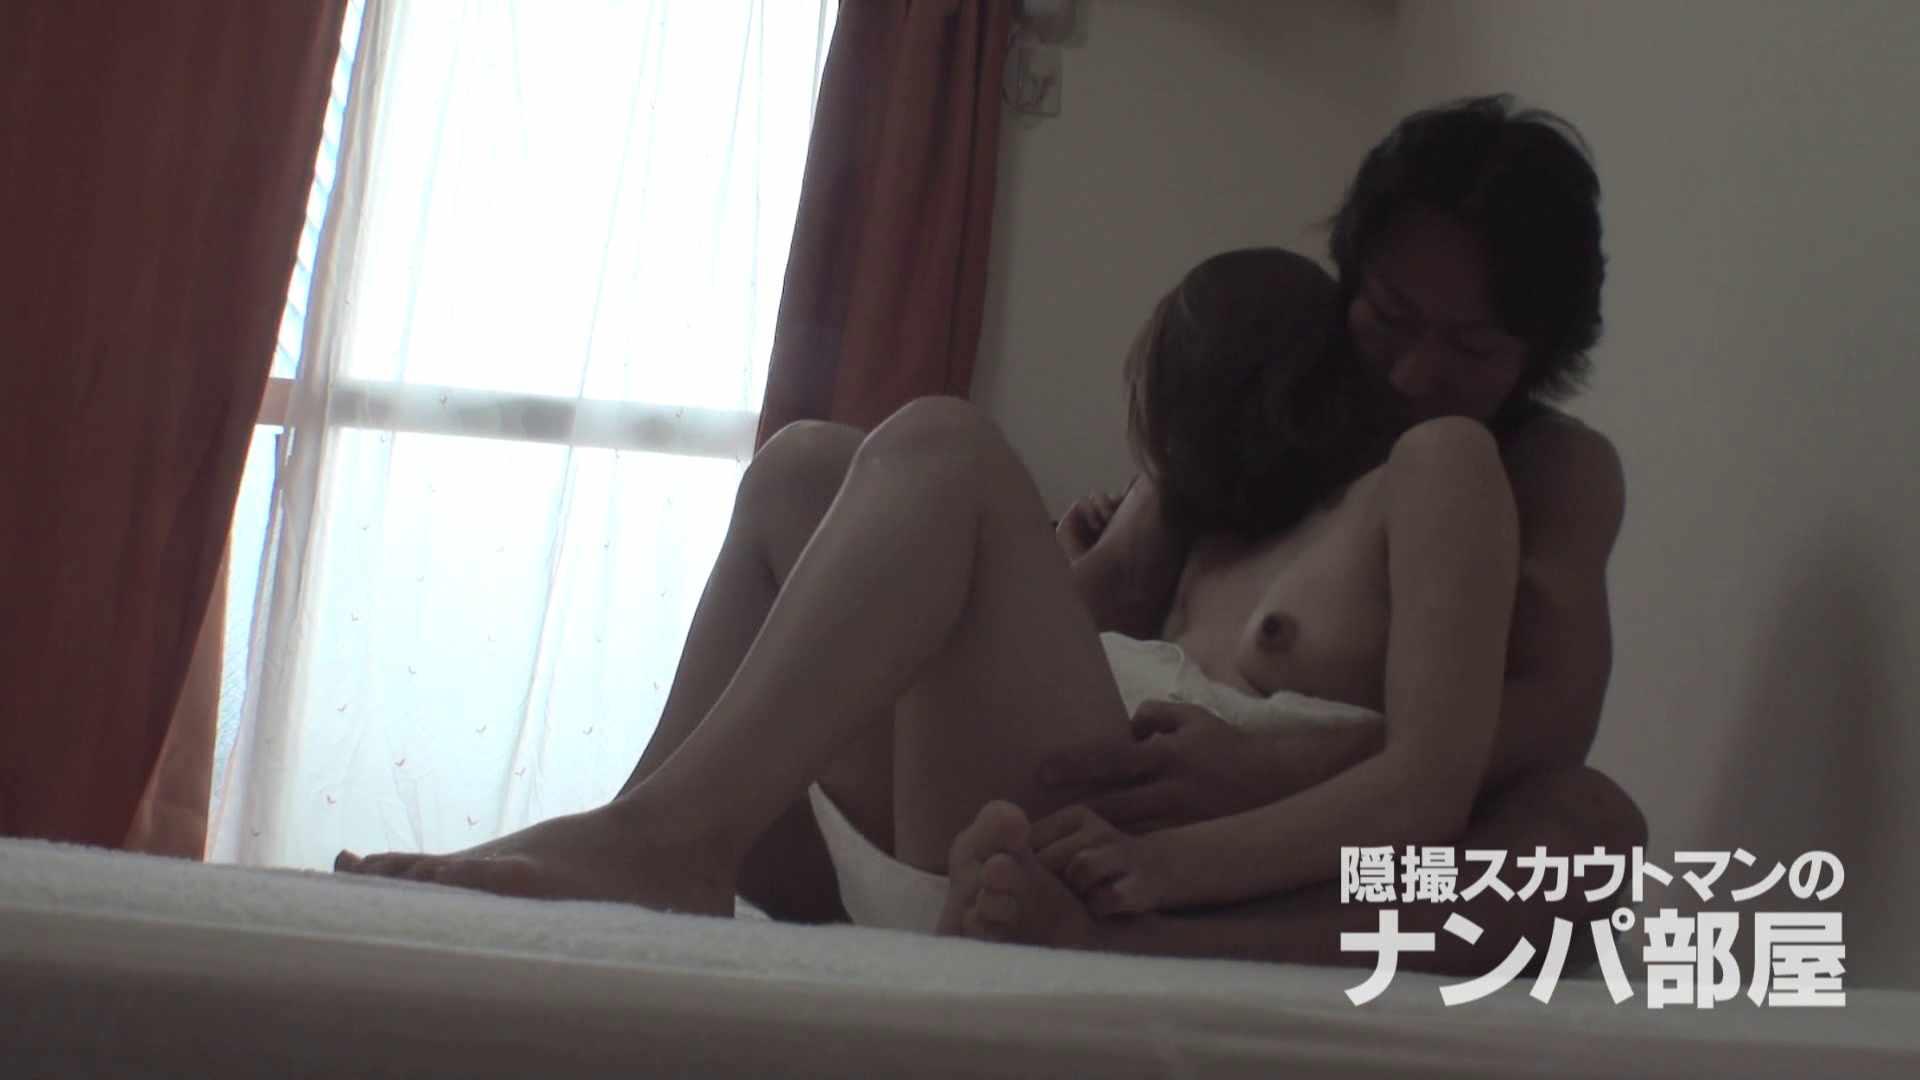 隠撮スカウトマンのナンパ部屋~風俗デビュー前のつまみ食い~ sii 隠撮  94pic 72